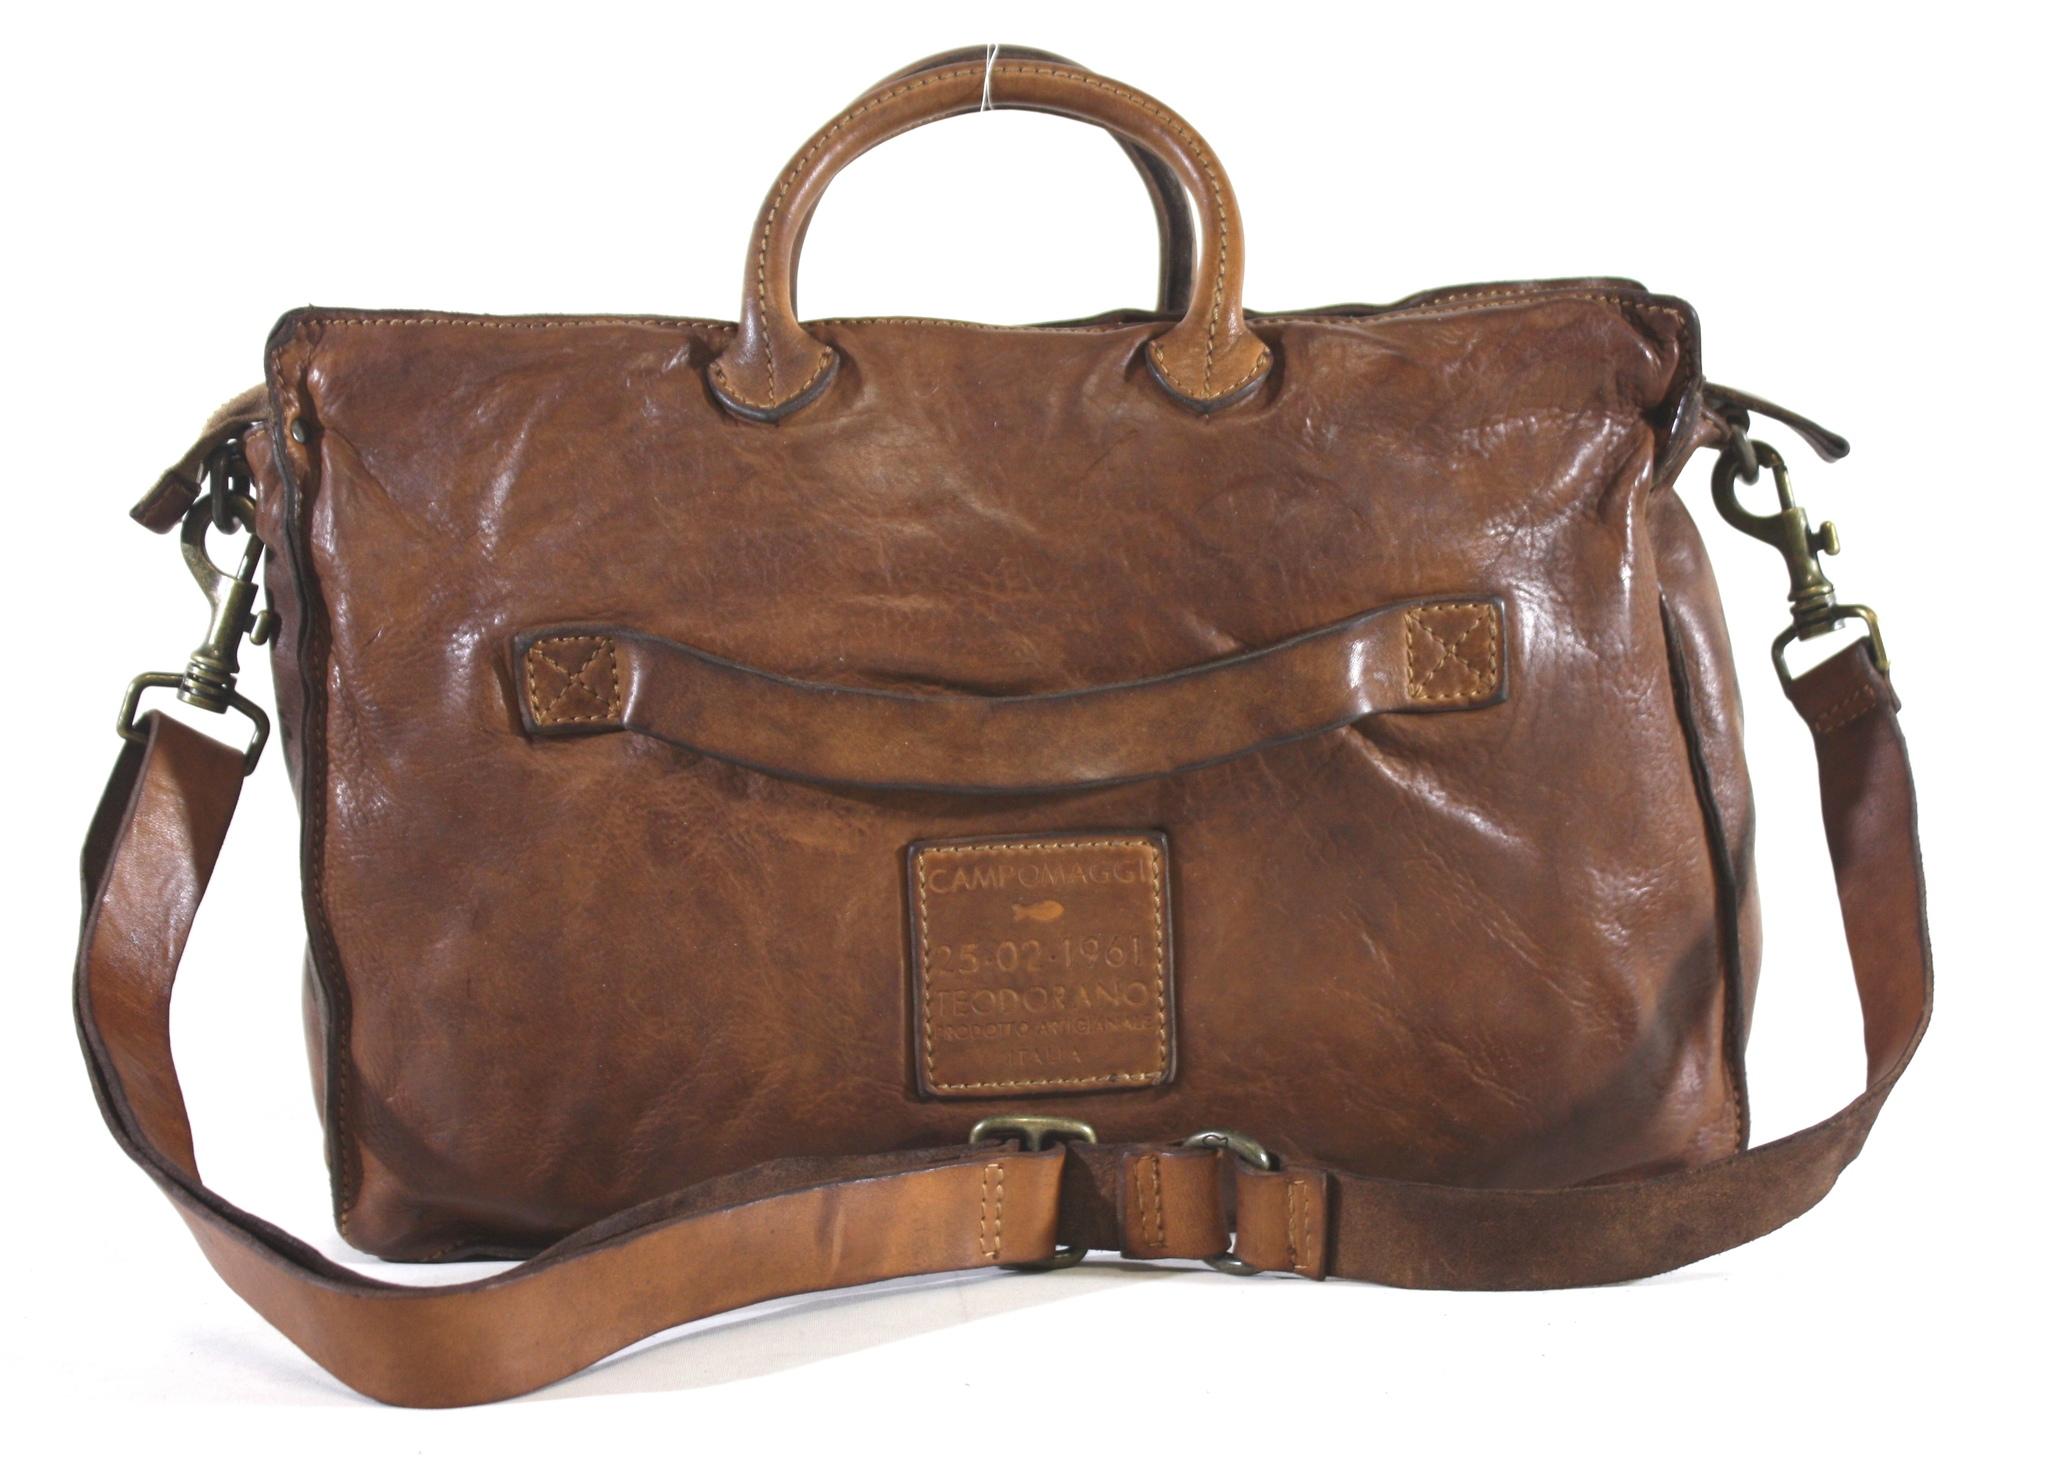 c513ea4c6df7 Мужские сумки Campomaggi/Milstil.ru | Портфель для ноутбука Campomaggi